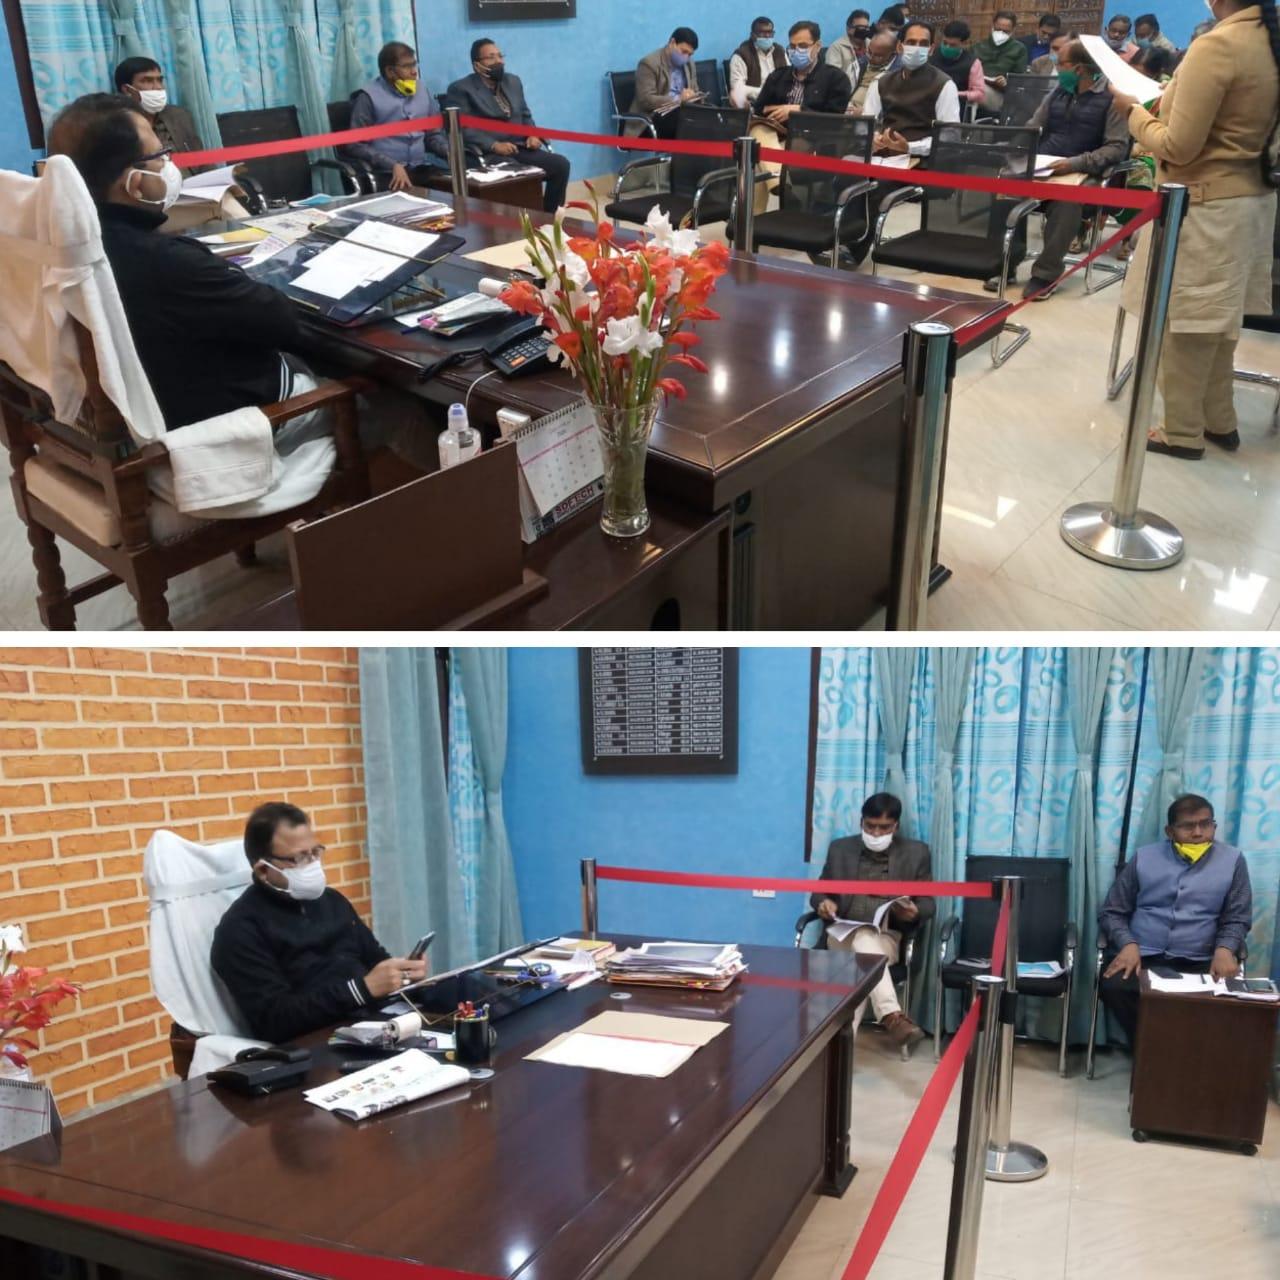 जिलाधिकारी की अध्यक्षता में हुआ मिशन रोजगार अभियान चलाये जाने के सम्बन्ध में बैठक का आयोजन